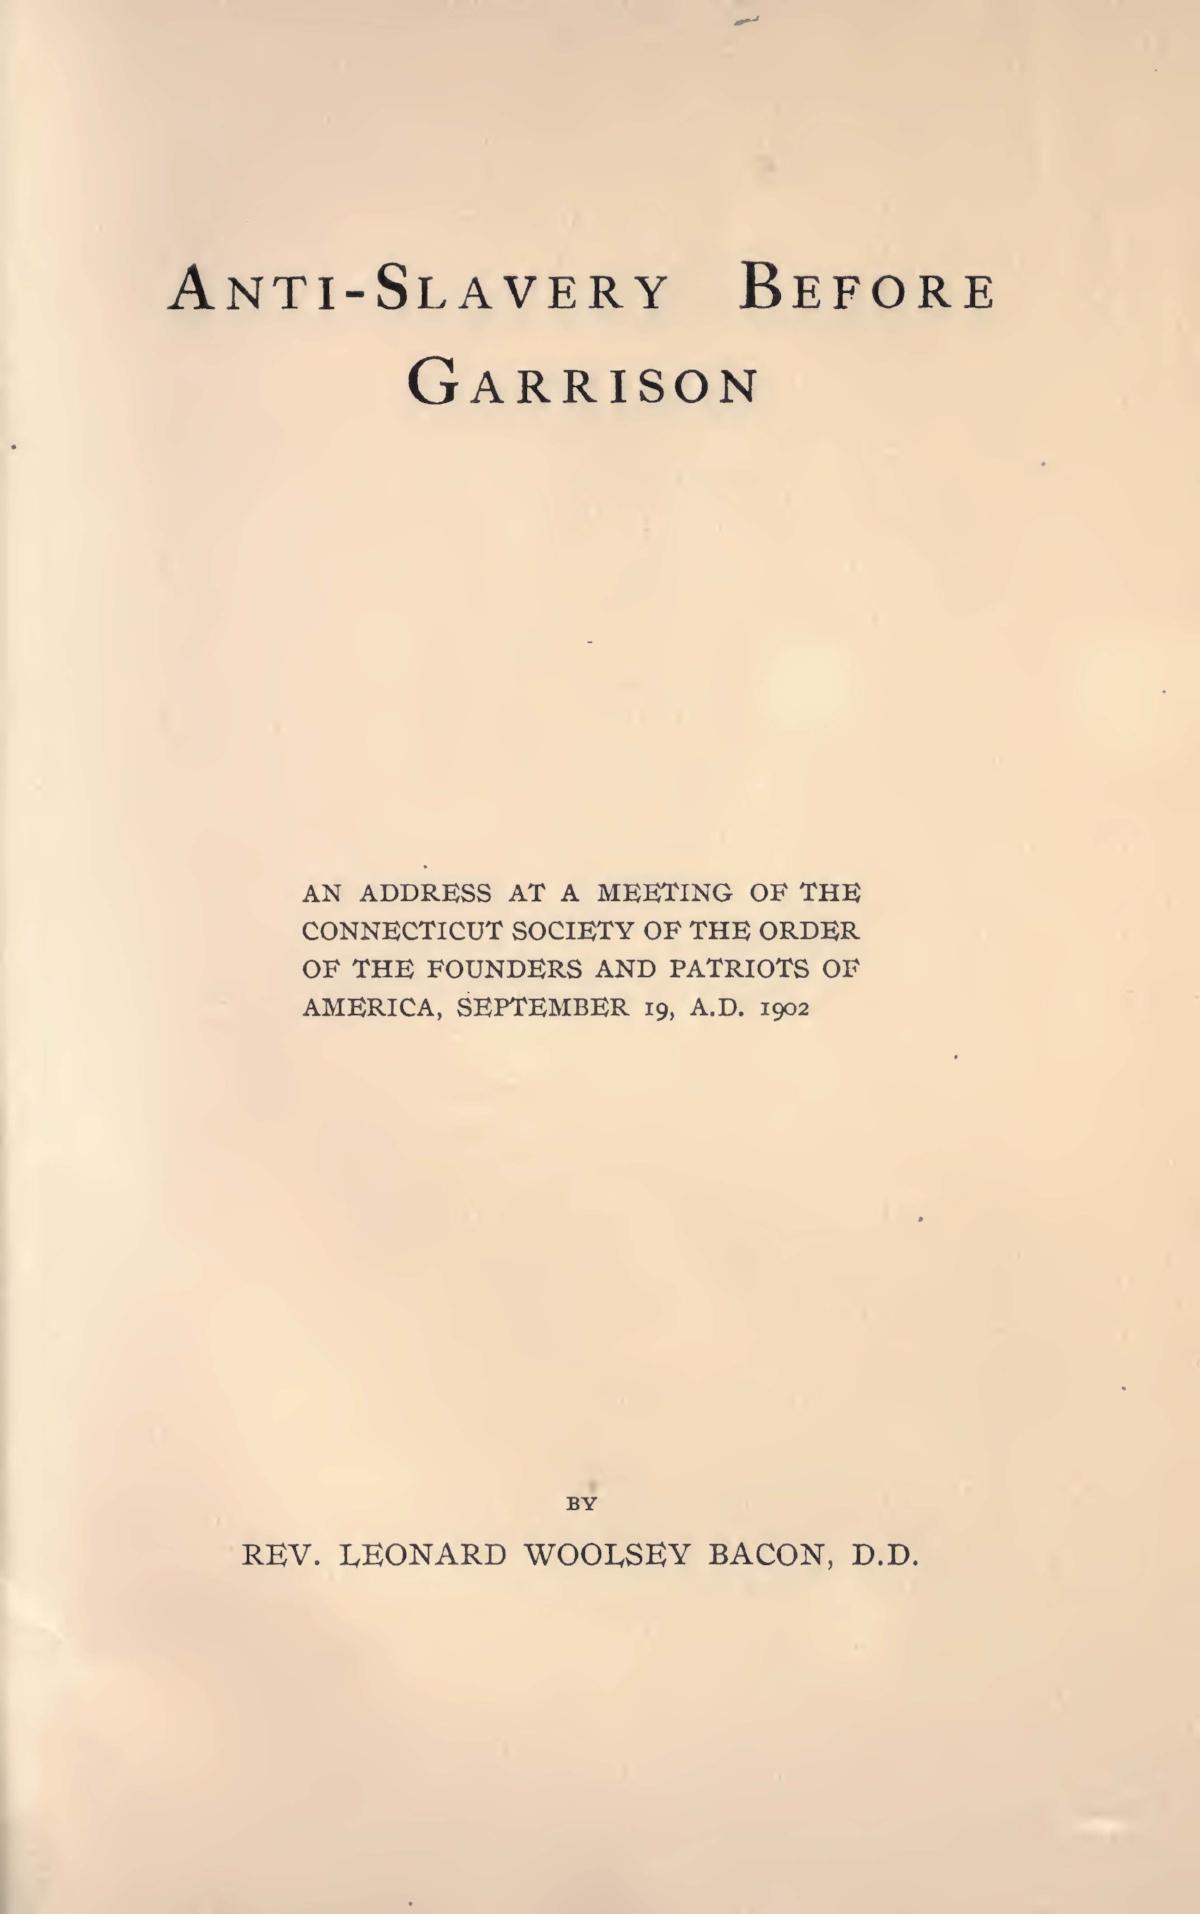 Bacon, Leonard Woolsey, Anti-Slavery Before Garrison Title Page.jpg